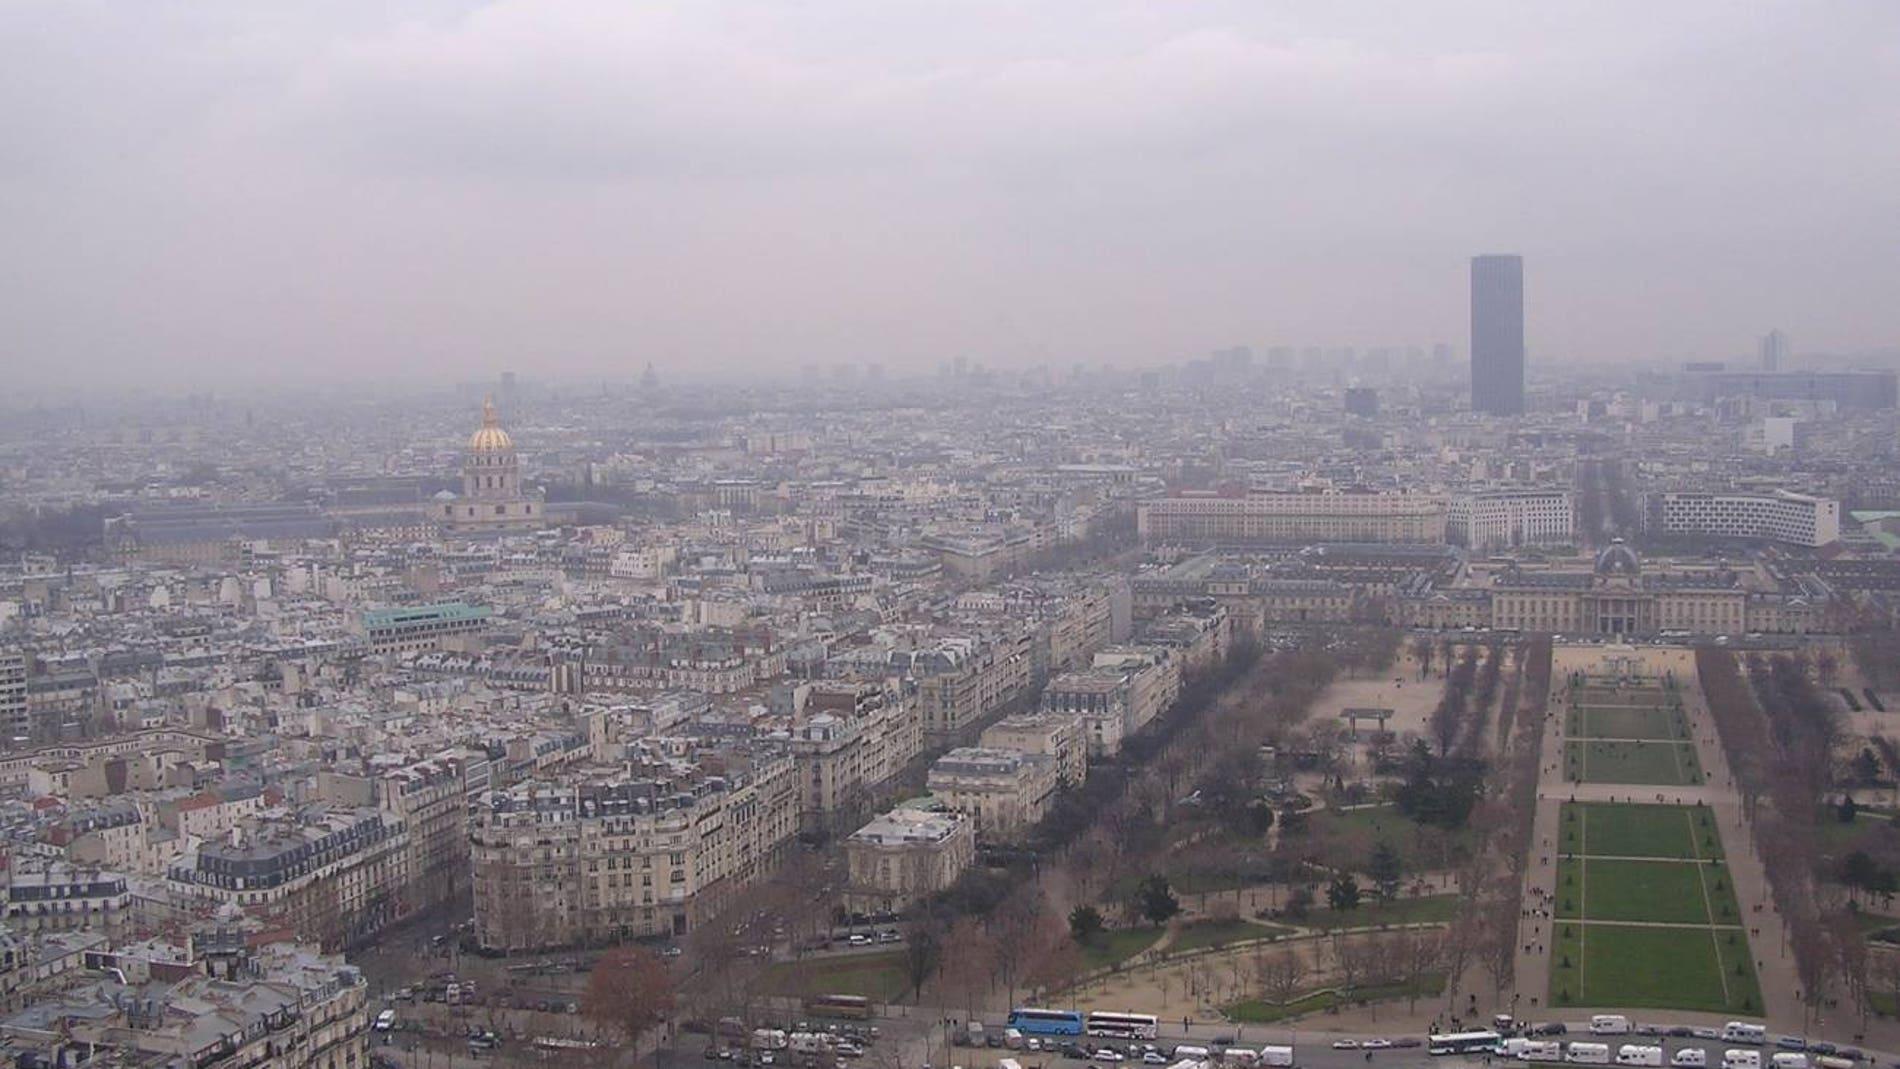 Las ciudades podrian calentarse mas de 4 C a final de siglo con altas emisiones